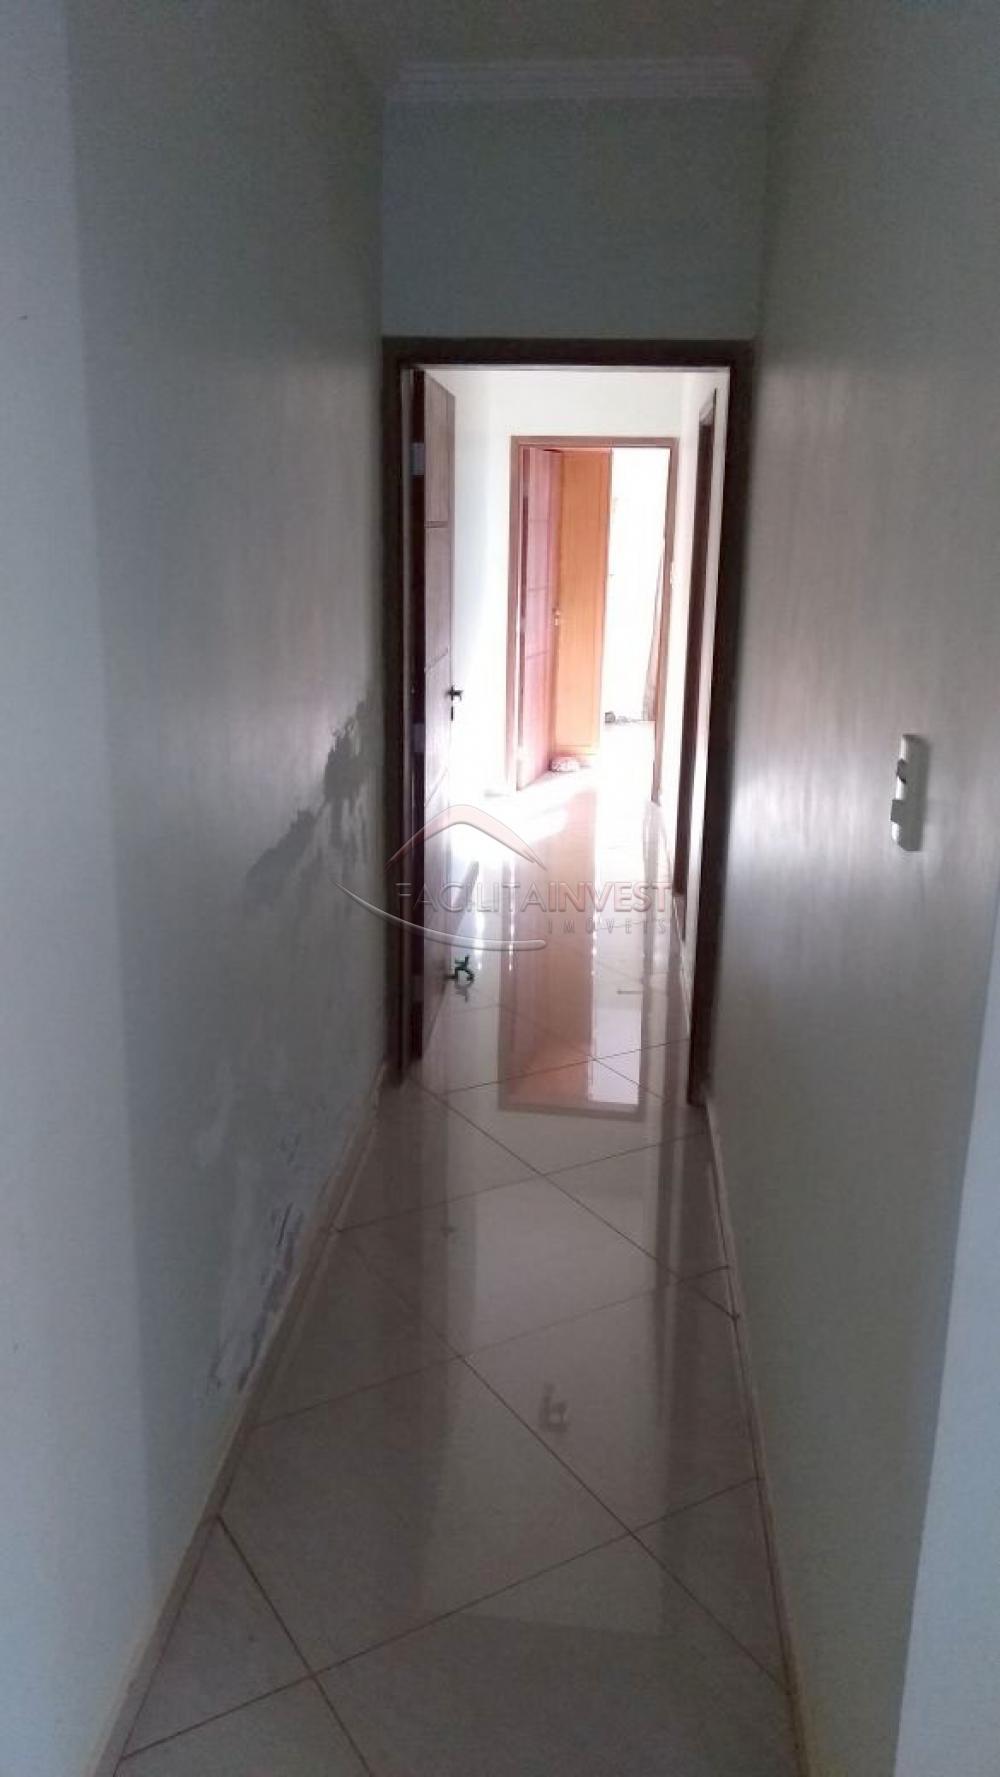 Comprar Casa Condomínio / Casa Condomínio em Ribeirão Preto apenas R$ 700.000,00 - Foto 12